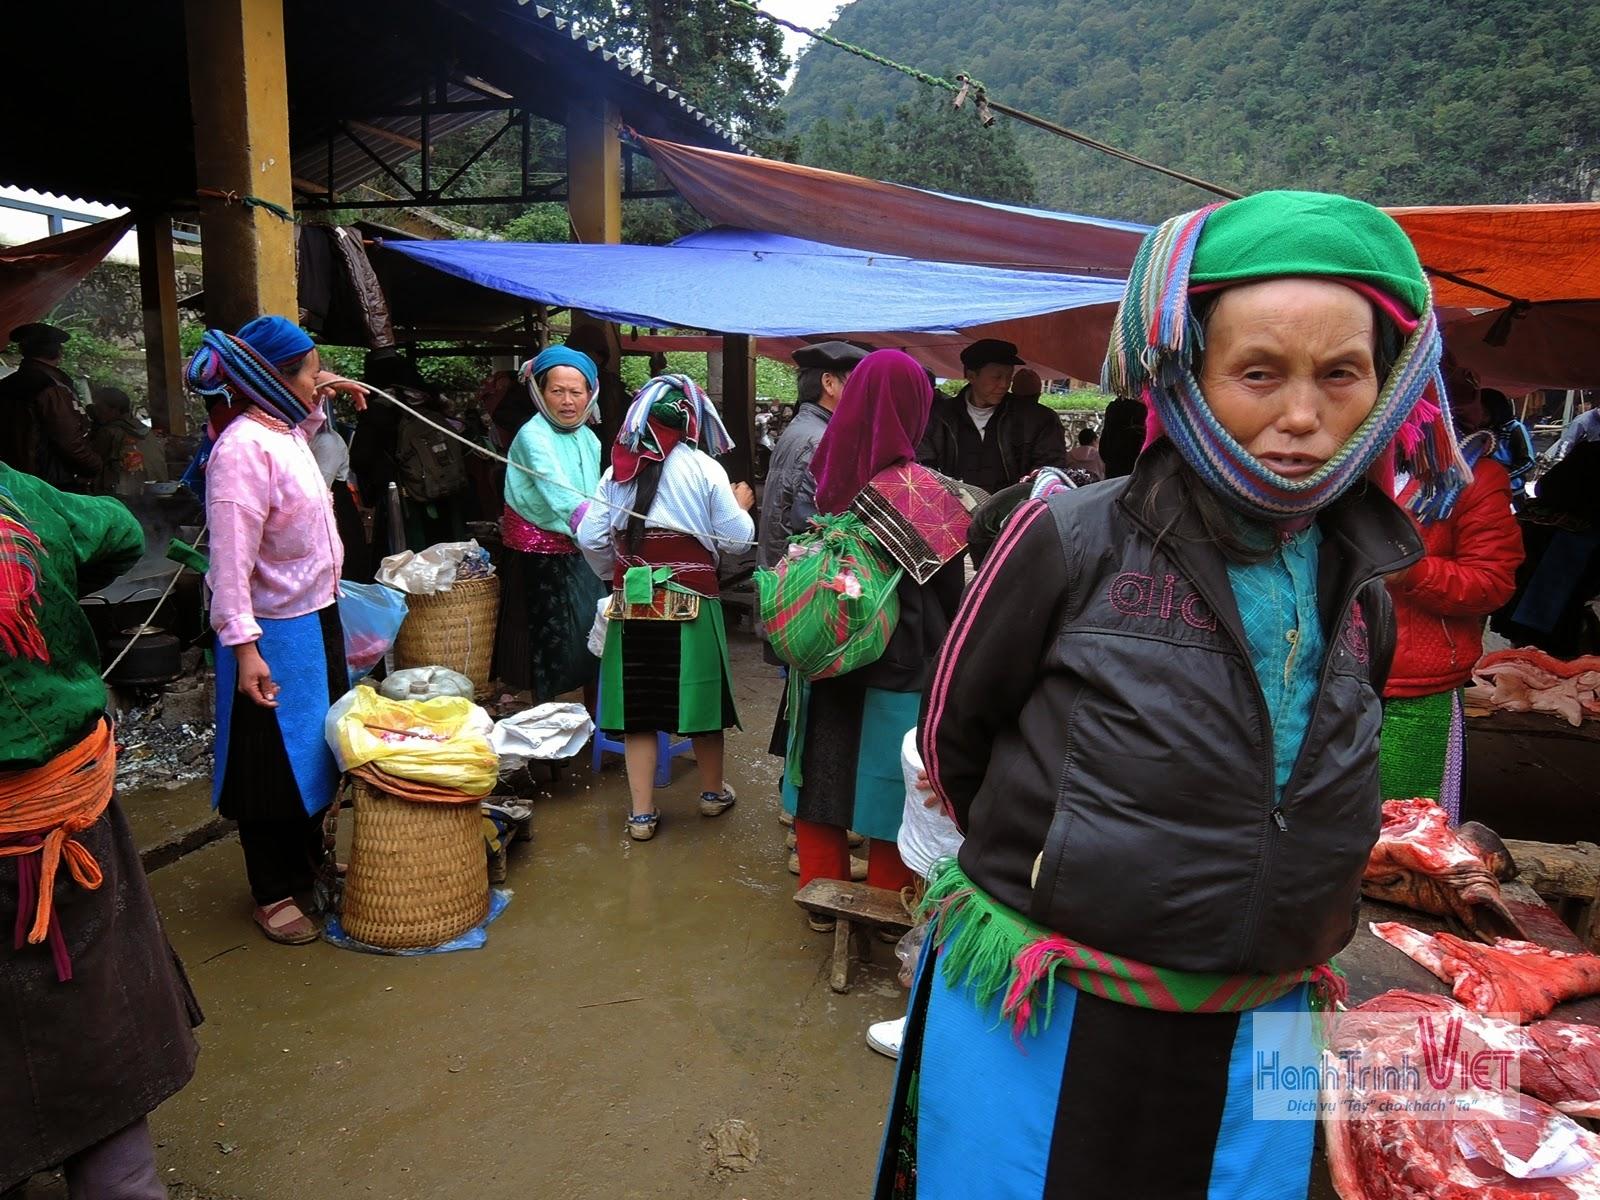 Tham quan chợ lùi Sà Phìn ở Đồng Văn, Hà Giang